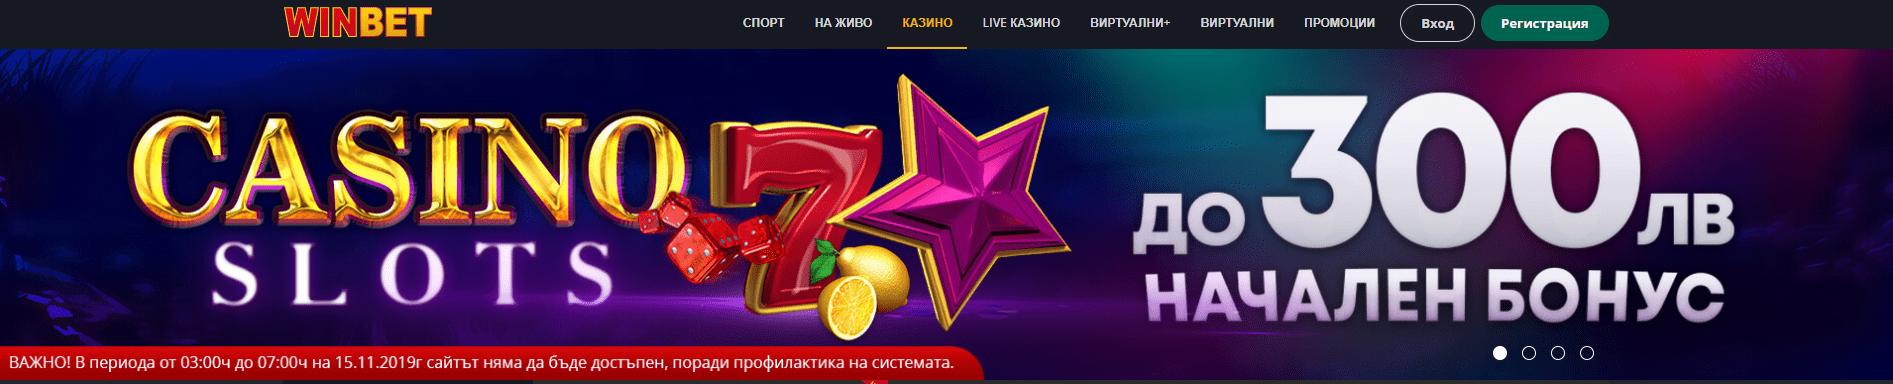 Winbet казино регистрация